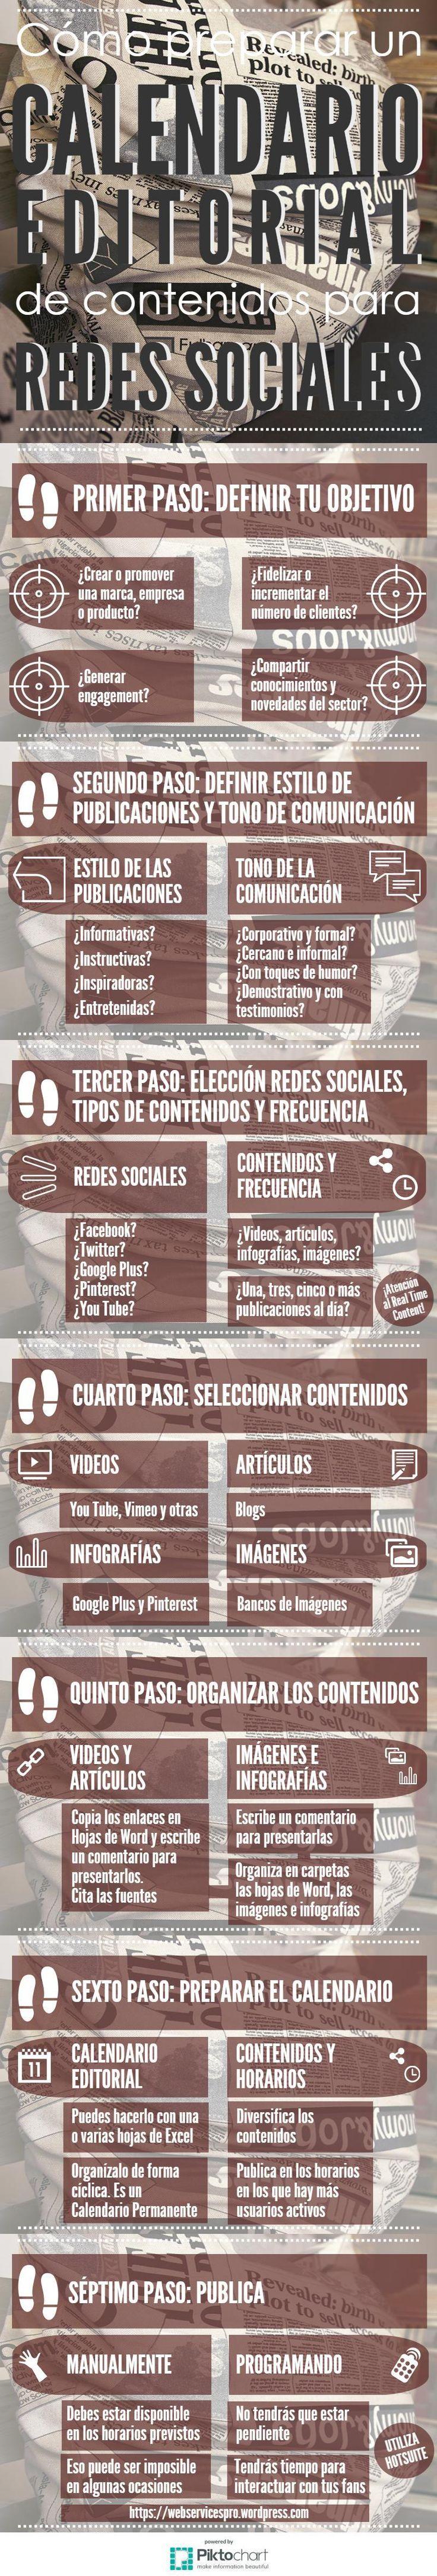 Hola: Una infografía sobre Cómo preparar un calendario editorial pera las Redes Sociales. Vía Un saludo